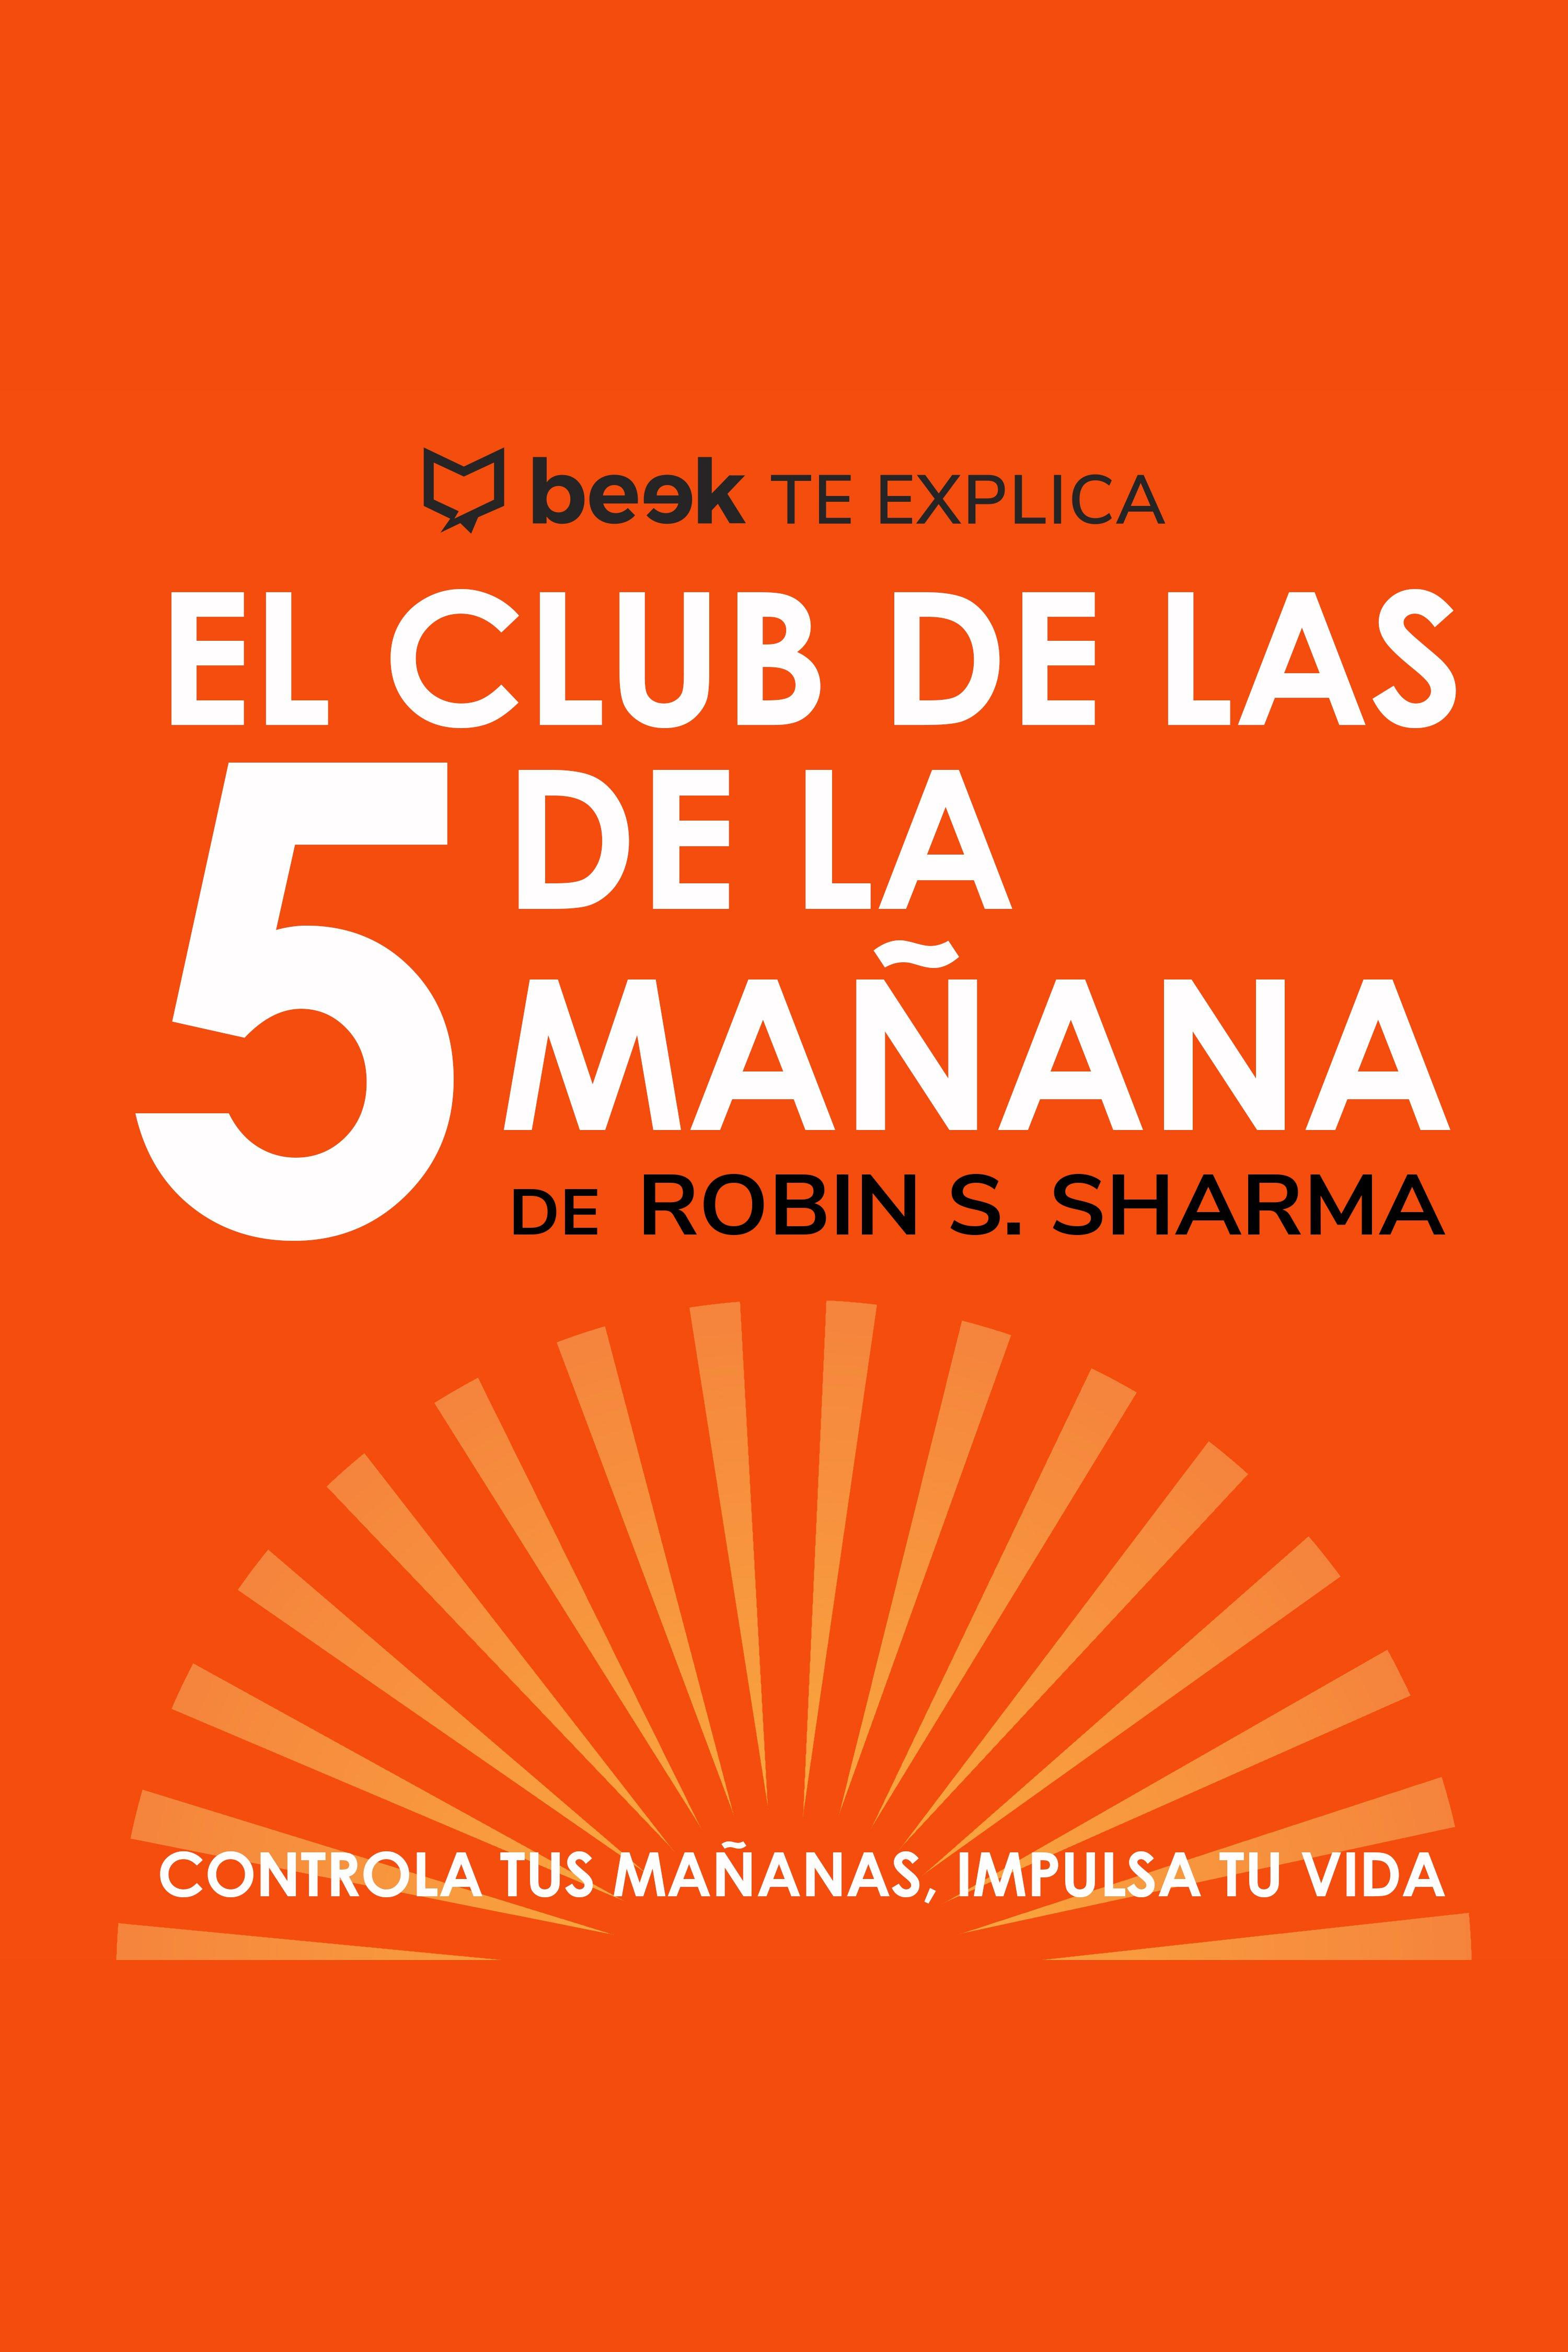 Esta es la portada del audiolibro El club de las 5 de la mañana… Beek te explica